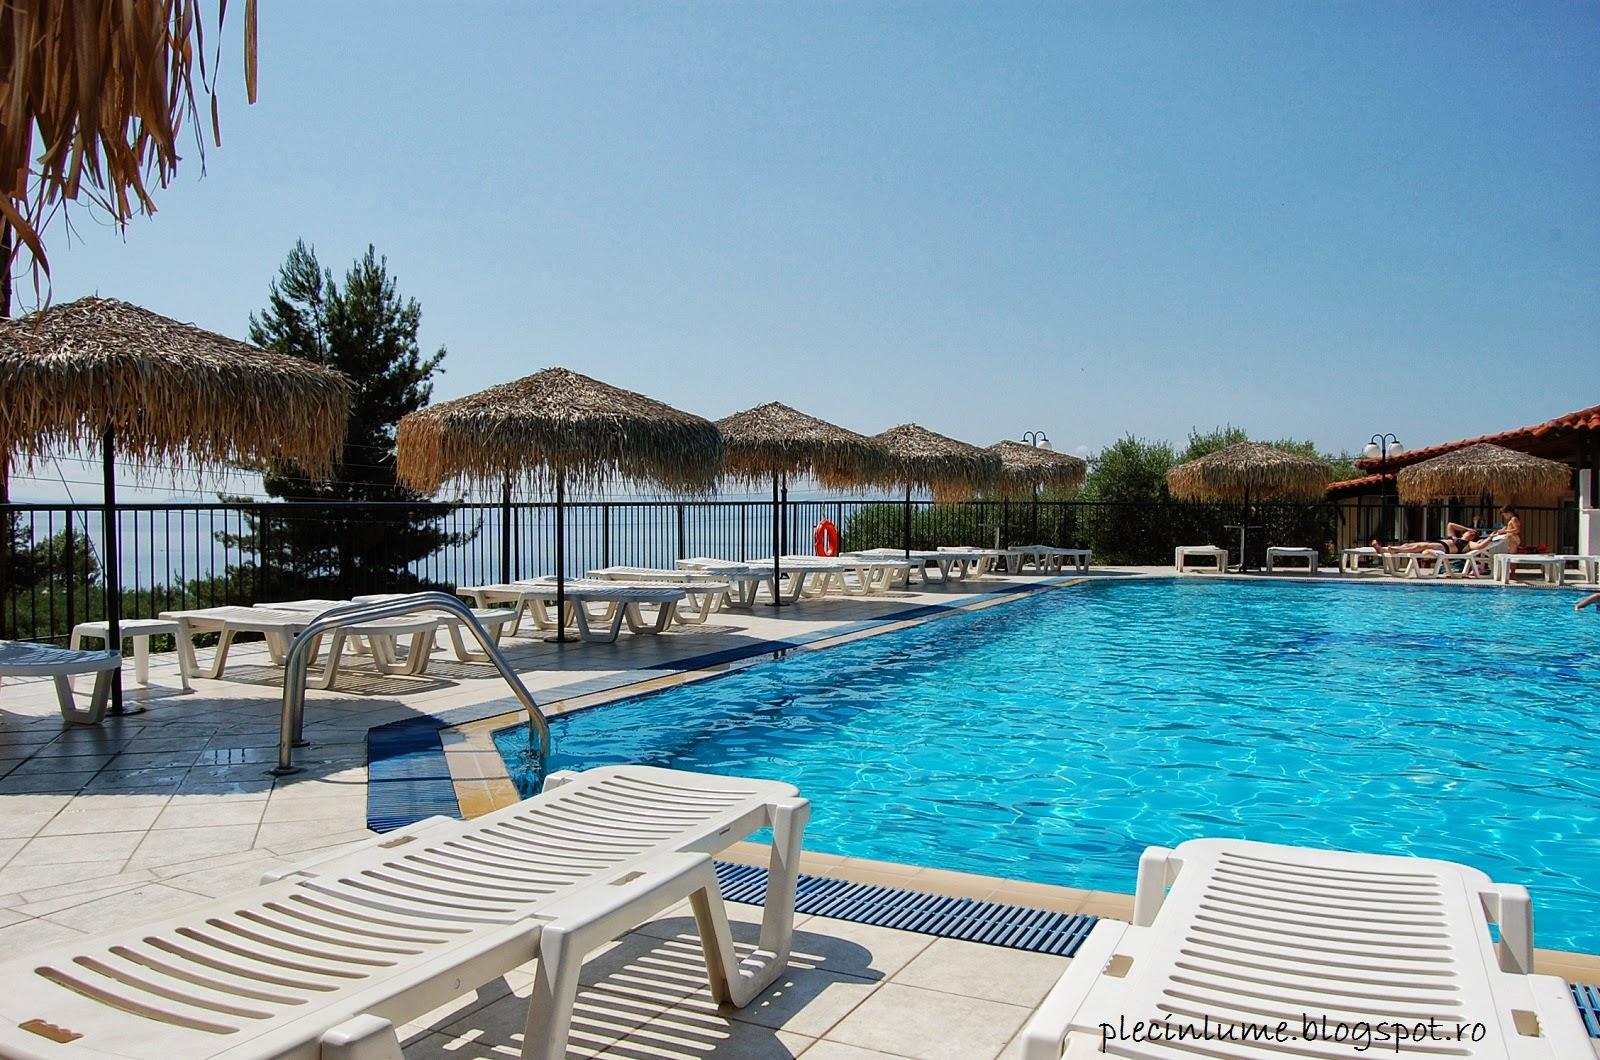 Piscina hotelului din Halkidiki